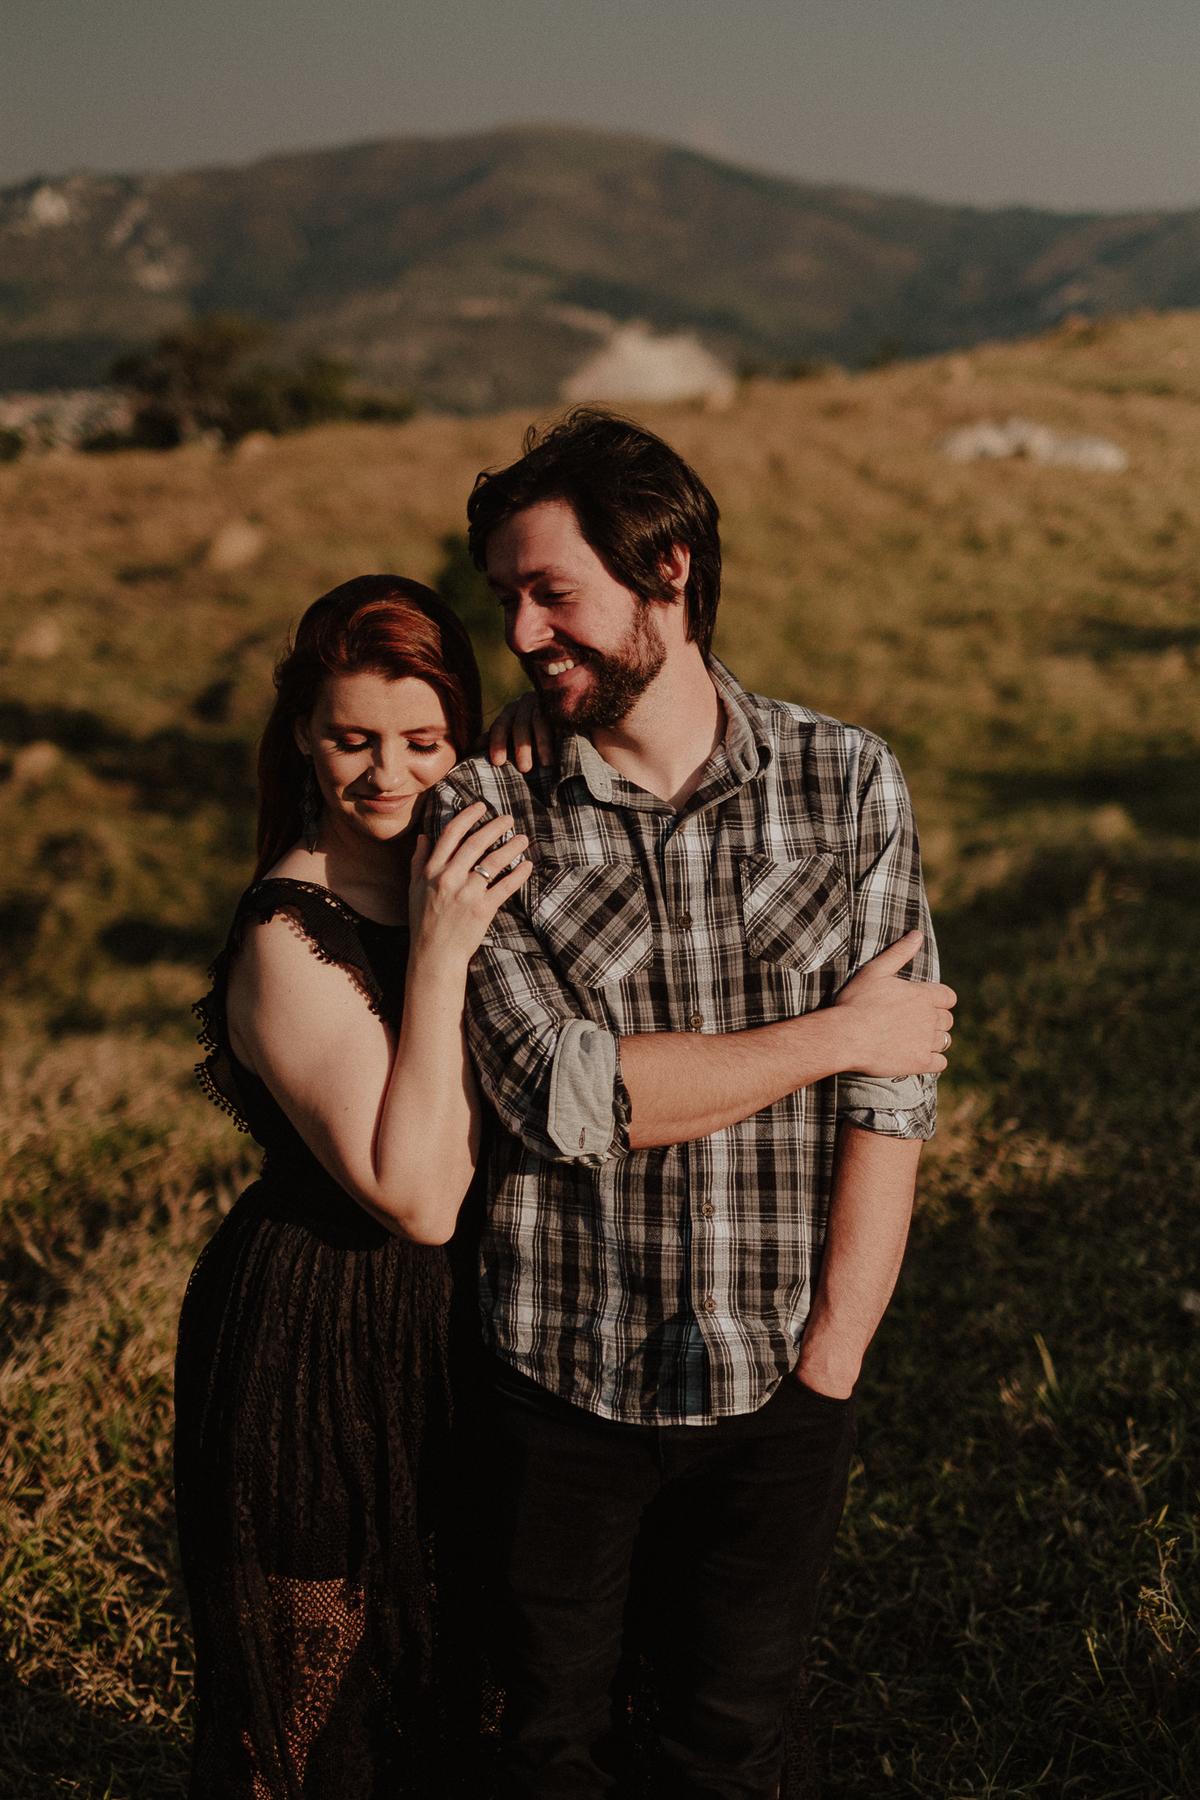 ensaio pre casamento fotos no campo ensaio pre wedding fotos por caio henrique fotografos de casamento de dia fotografos autenticos